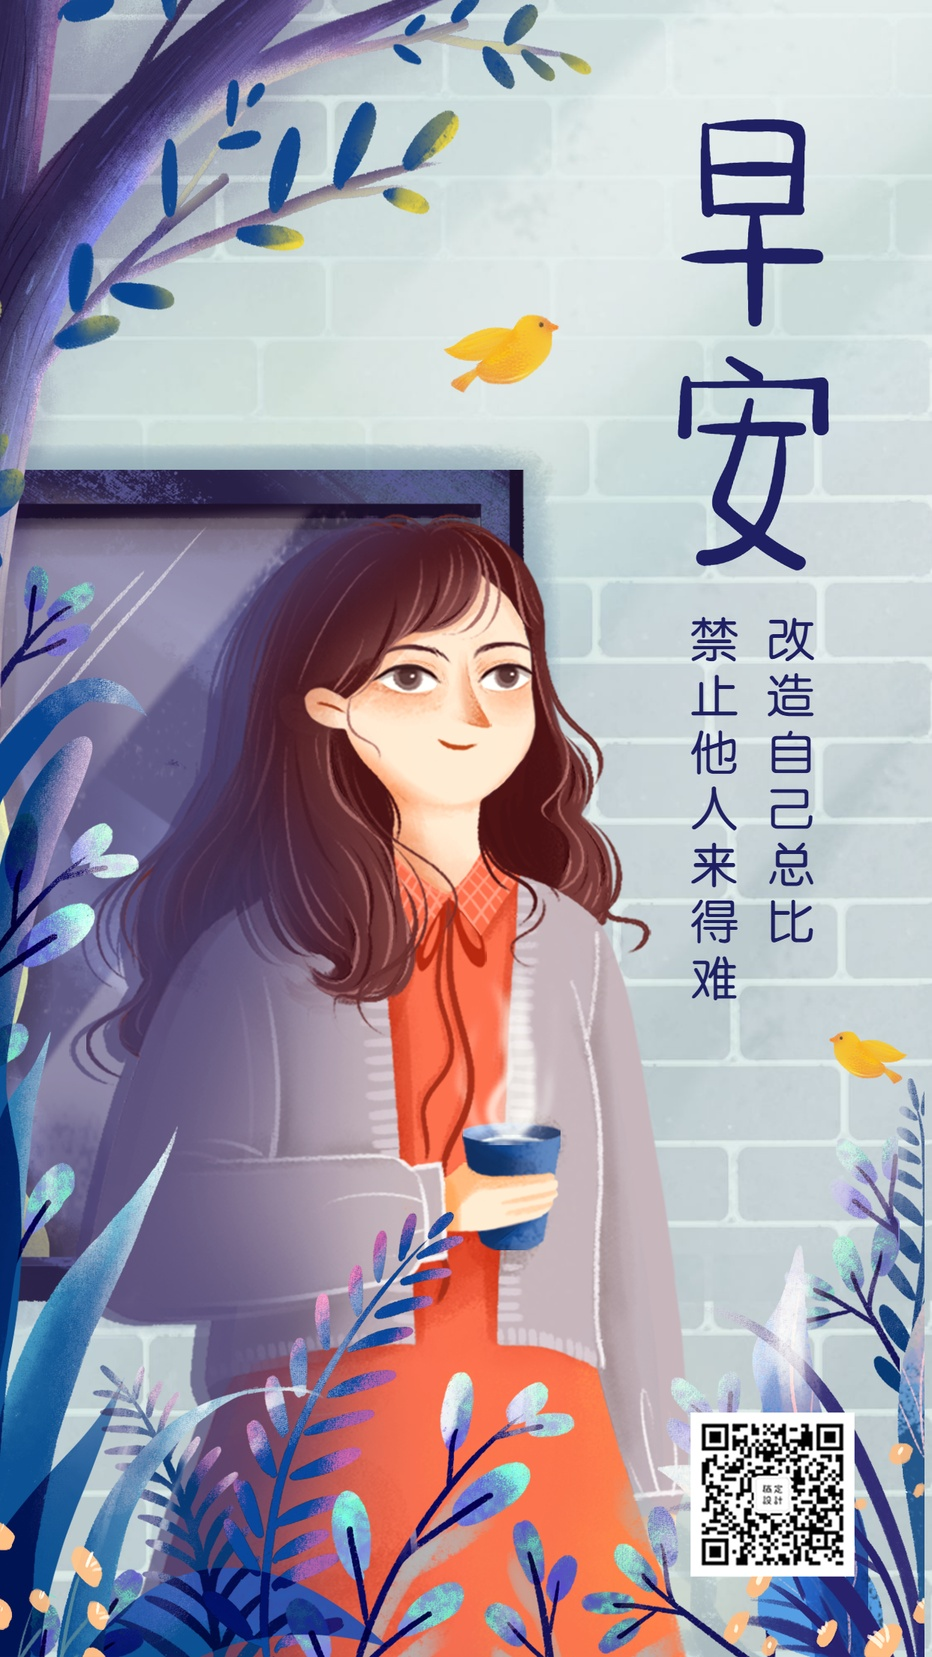 早安/励志/正能量/插画/日签手机海报